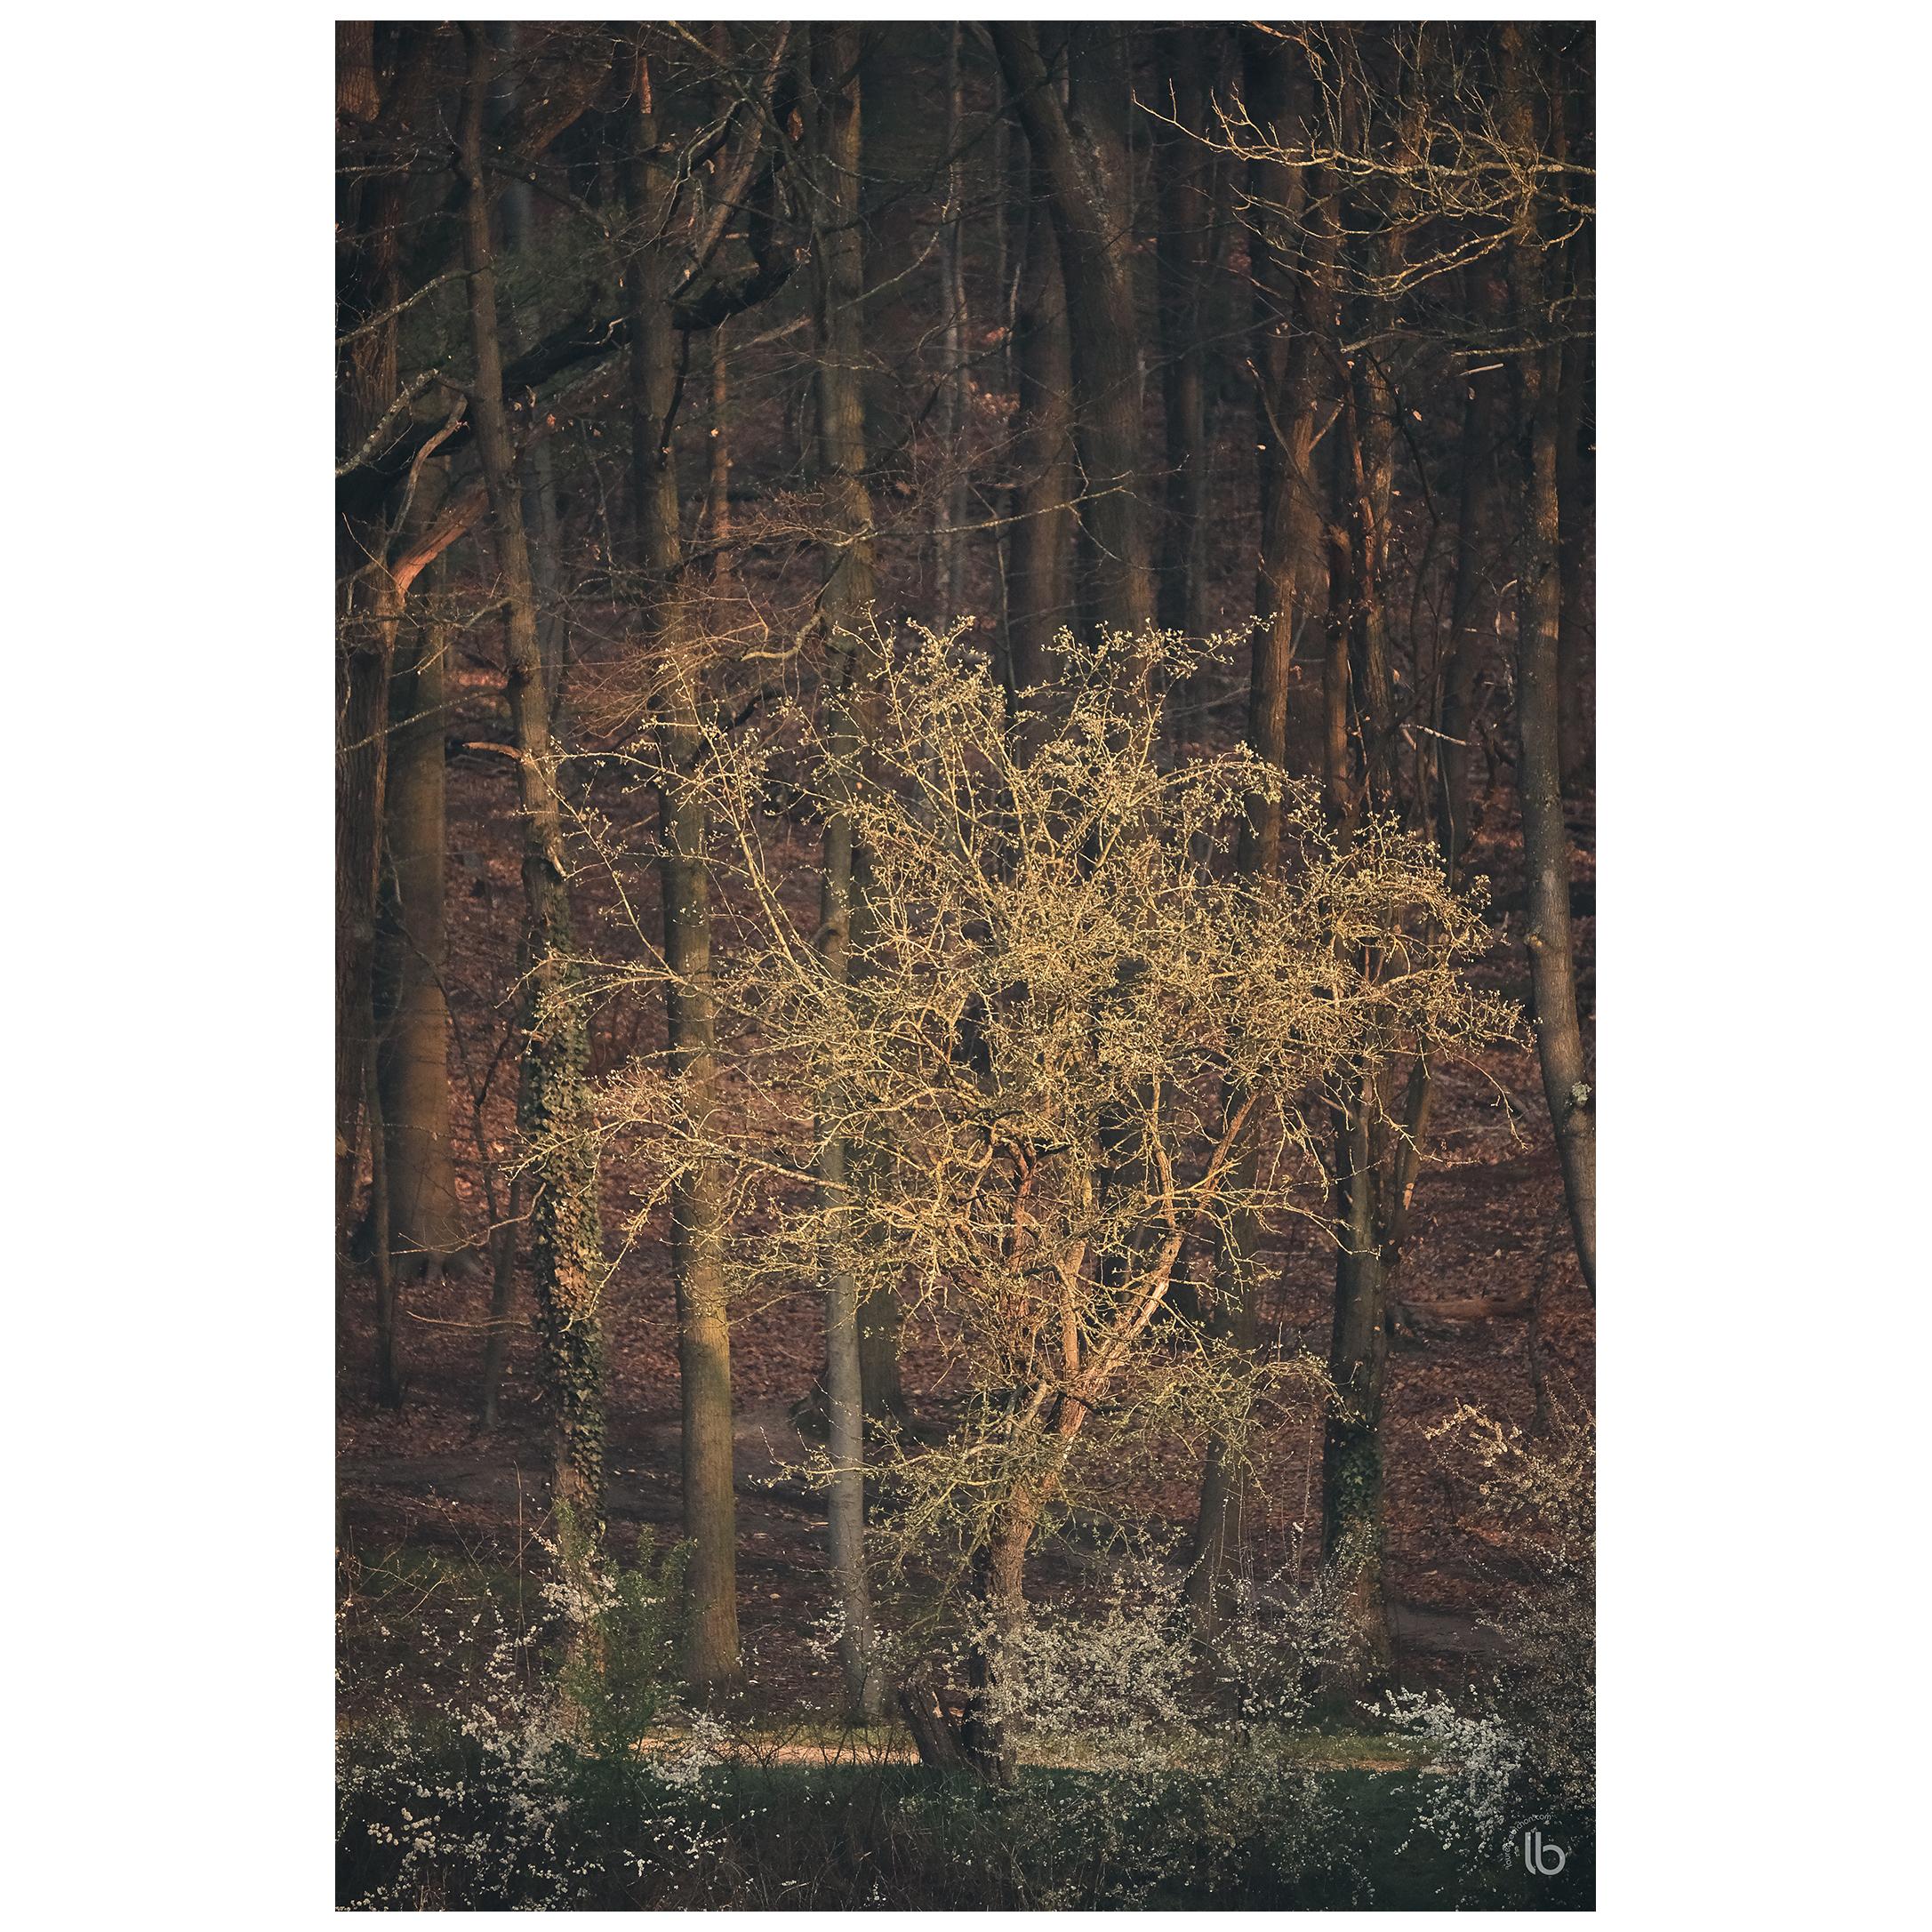 Quand la nature et l'homme savent y faire... - 20190328 - by laurence bichon photographe meudon